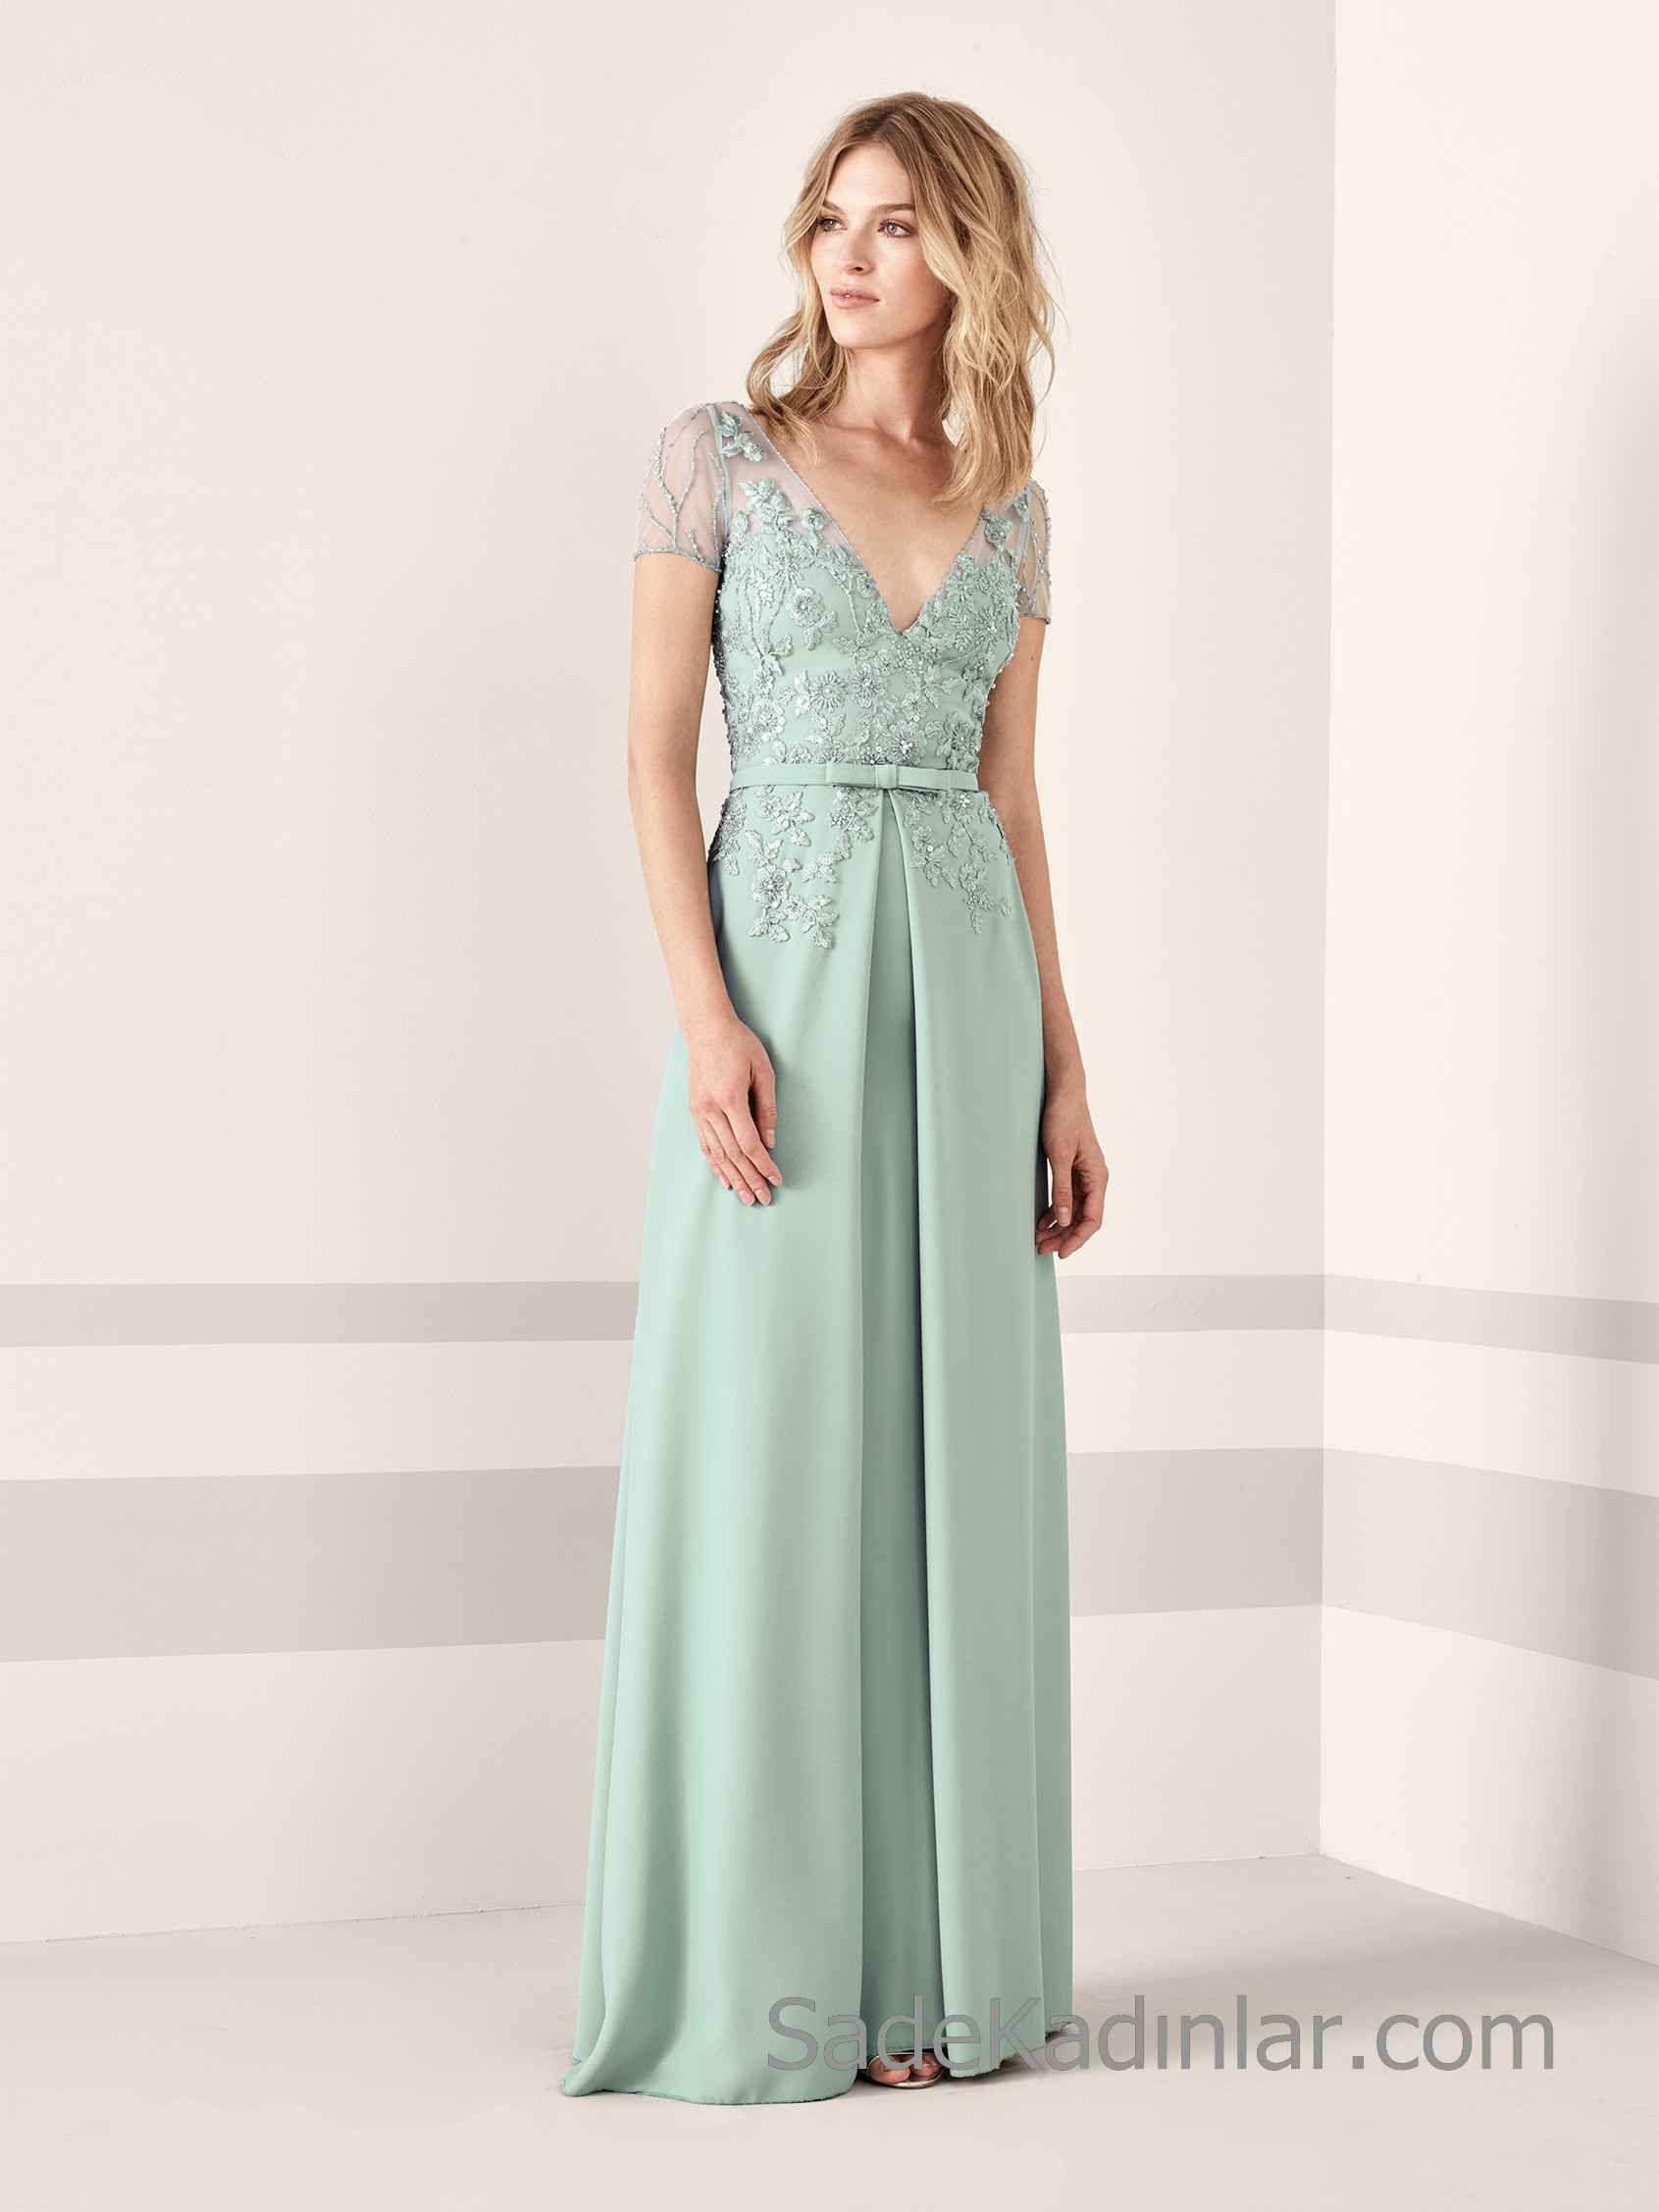 Pronovias 2020 Abiye Elbise Modelleri Yesil Uzun Kisa Kollu V Yakali Transparan Detayli Boncuk Islemeli Aksamustu Giysileri Kisa Etekli Elbiseler Elbise Modelleri